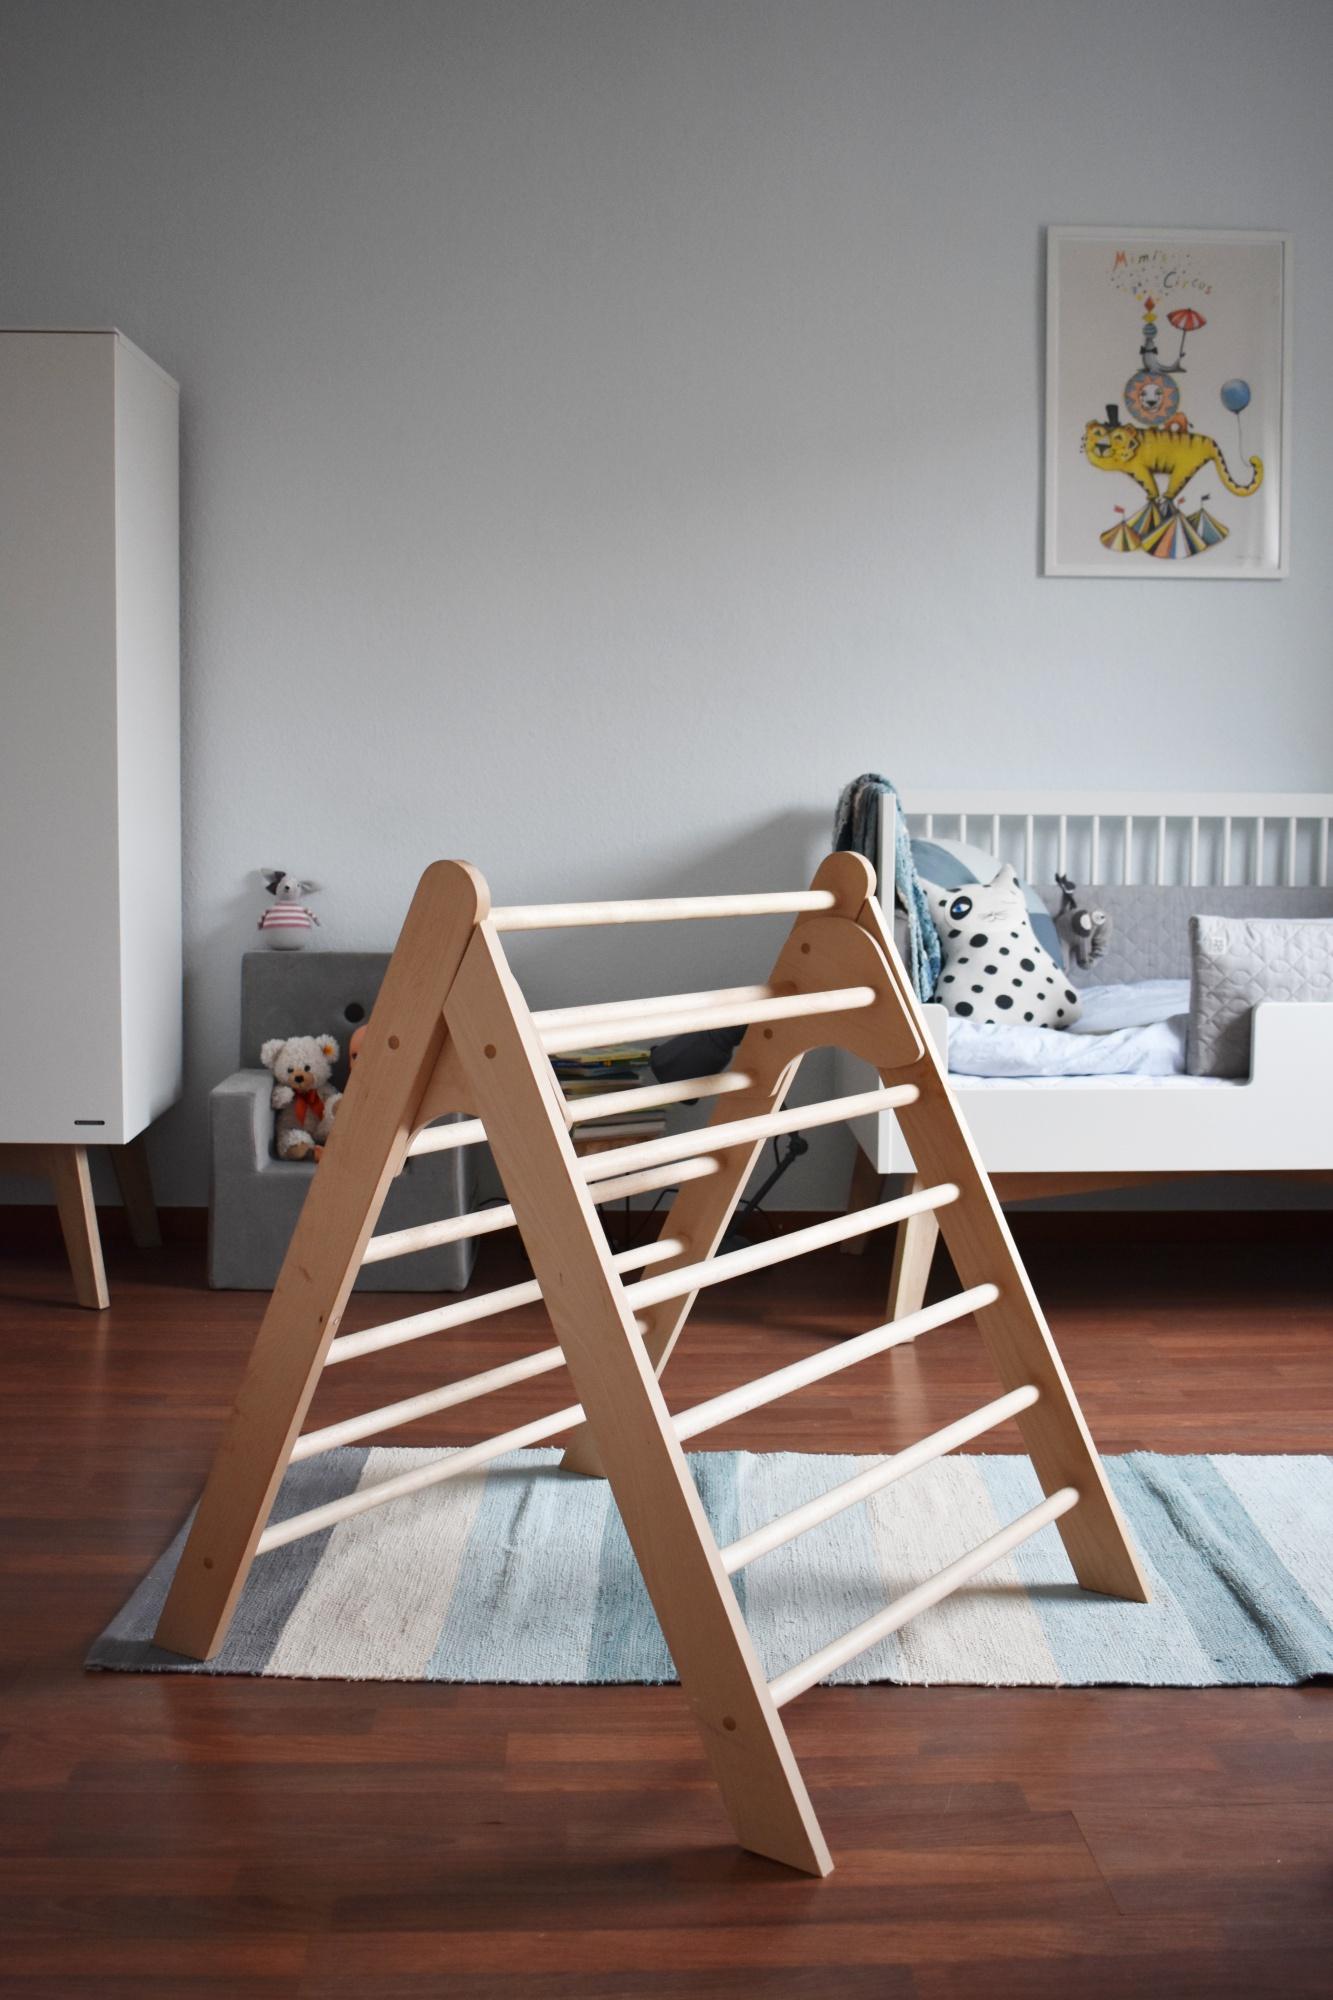 das kinderzimmer ein zimmer f r ein gar nicht mehr so. Black Bedroom Furniture Sets. Home Design Ideas